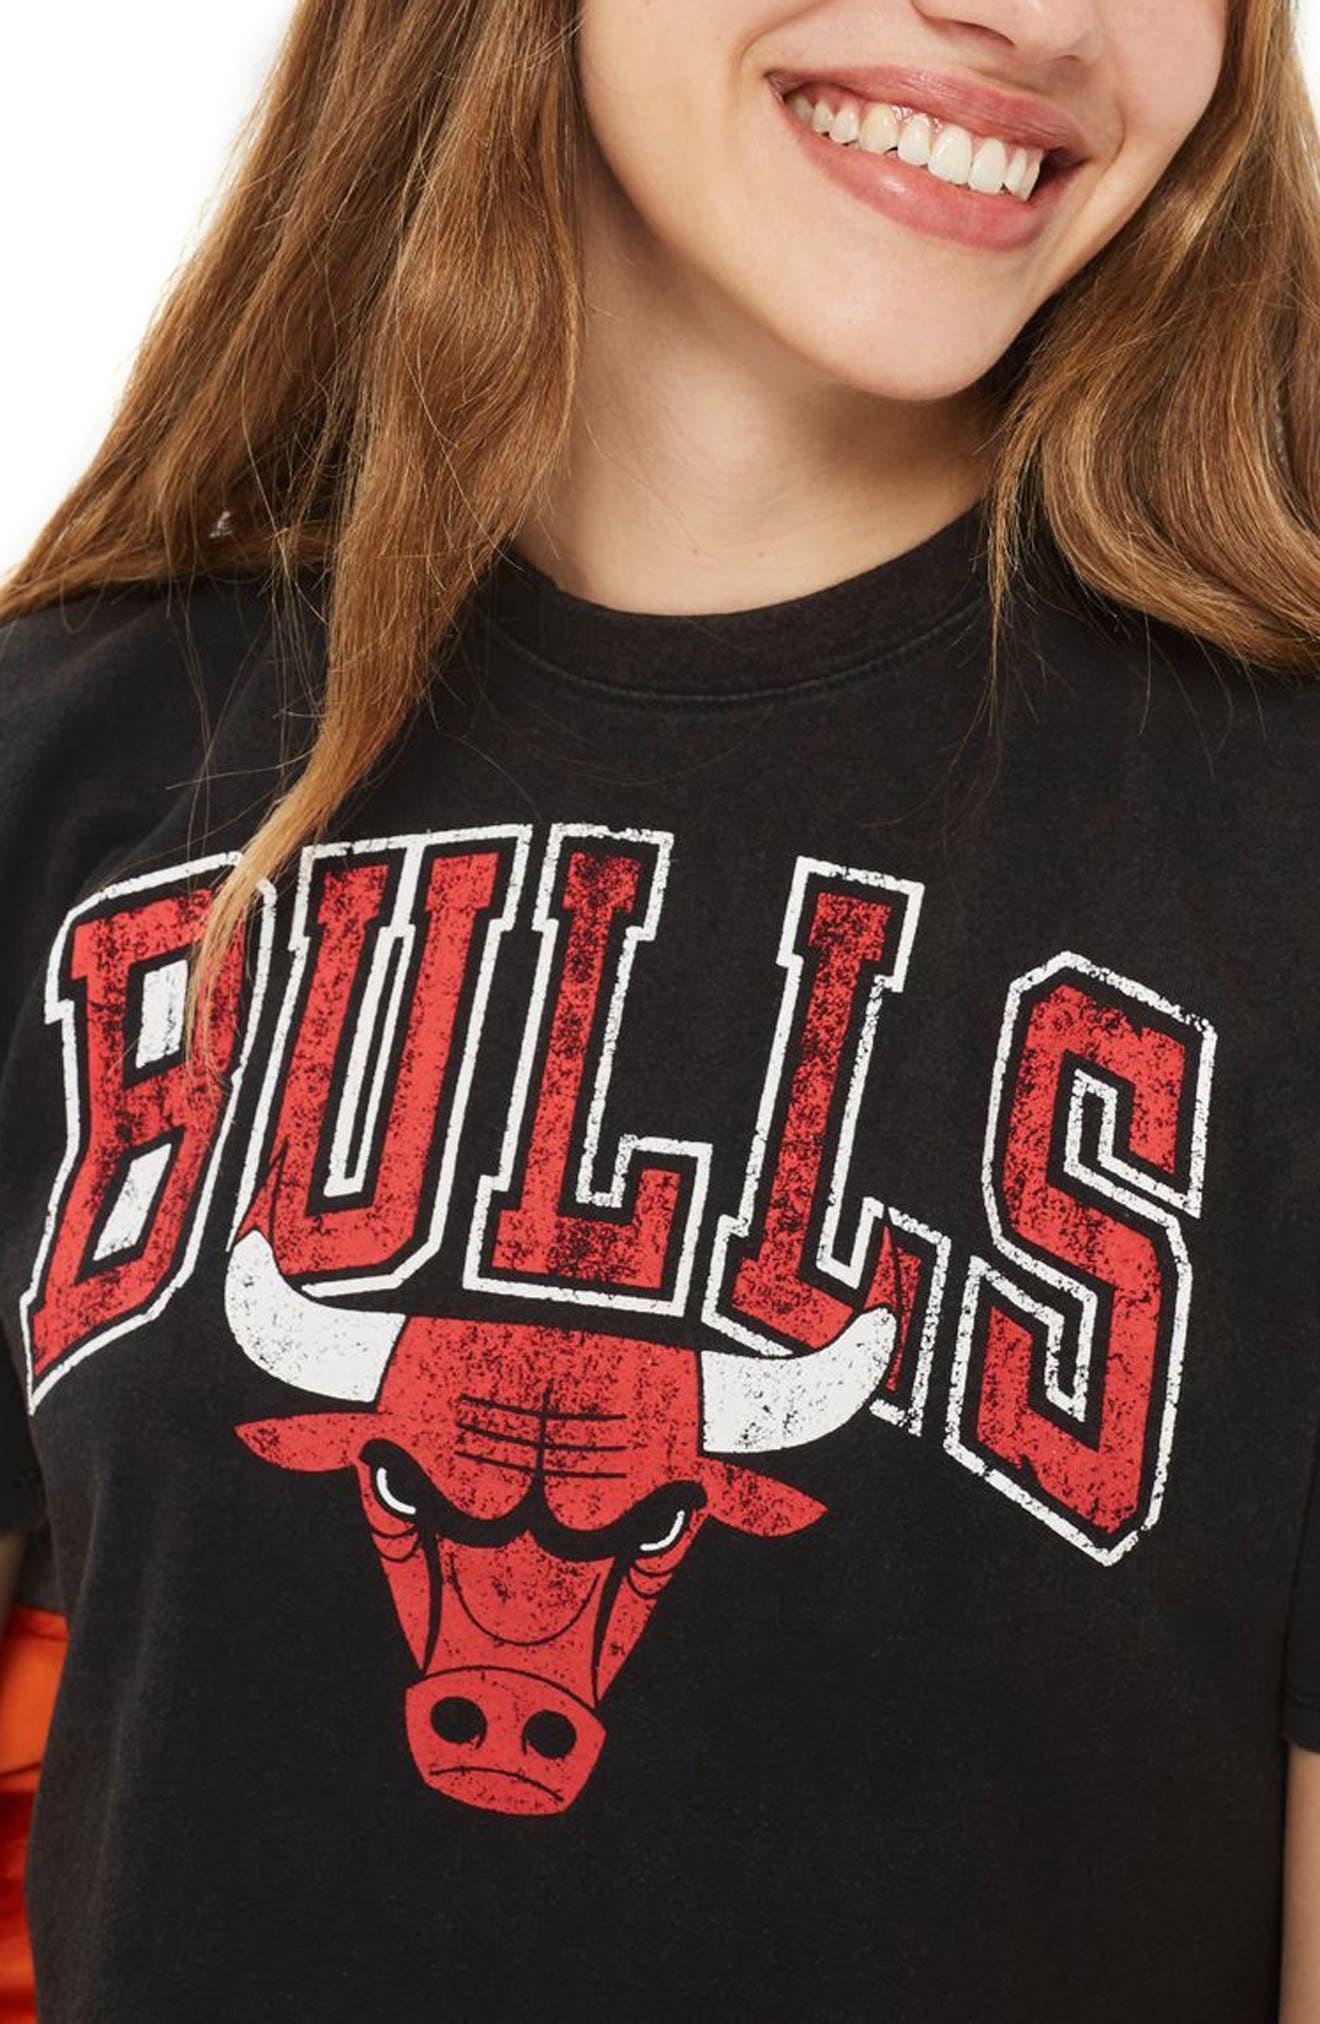 Topshop x UNK Bulls Crop Graphic Tee